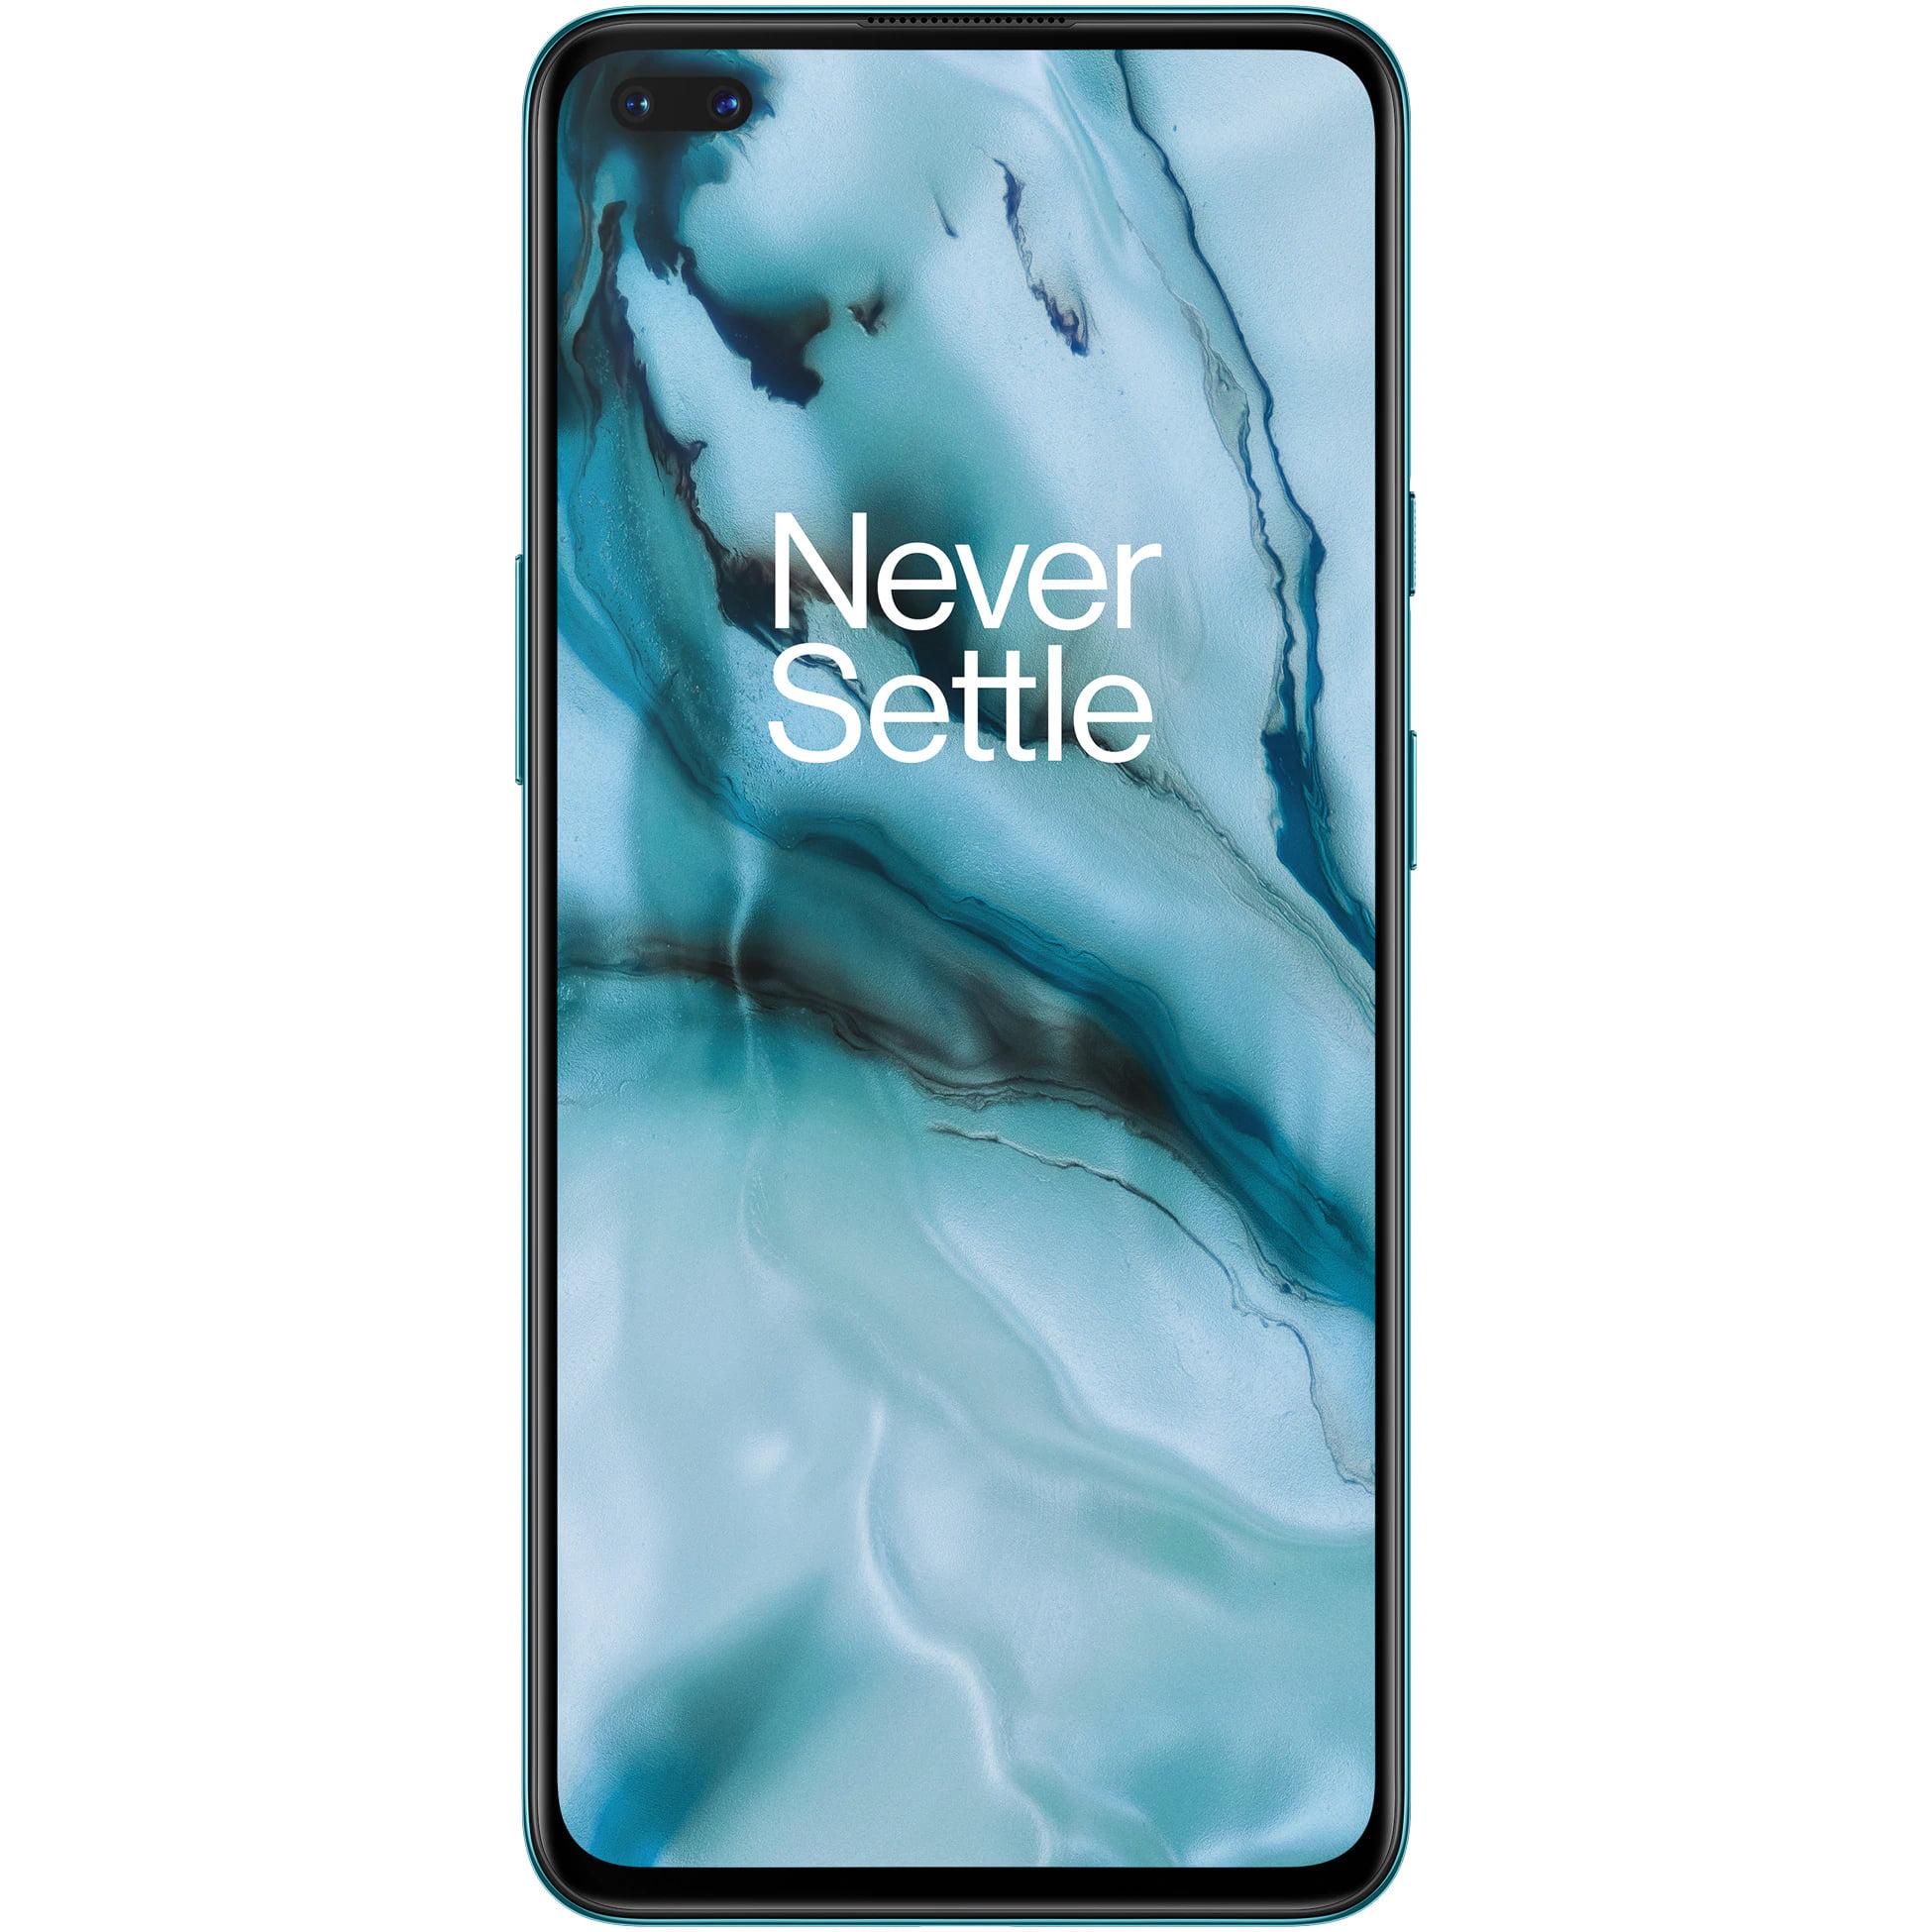 Telefon mobil OnePlus Nord, Dual SIM, 128GB, 8GB RAM, 5G, Blue Marble